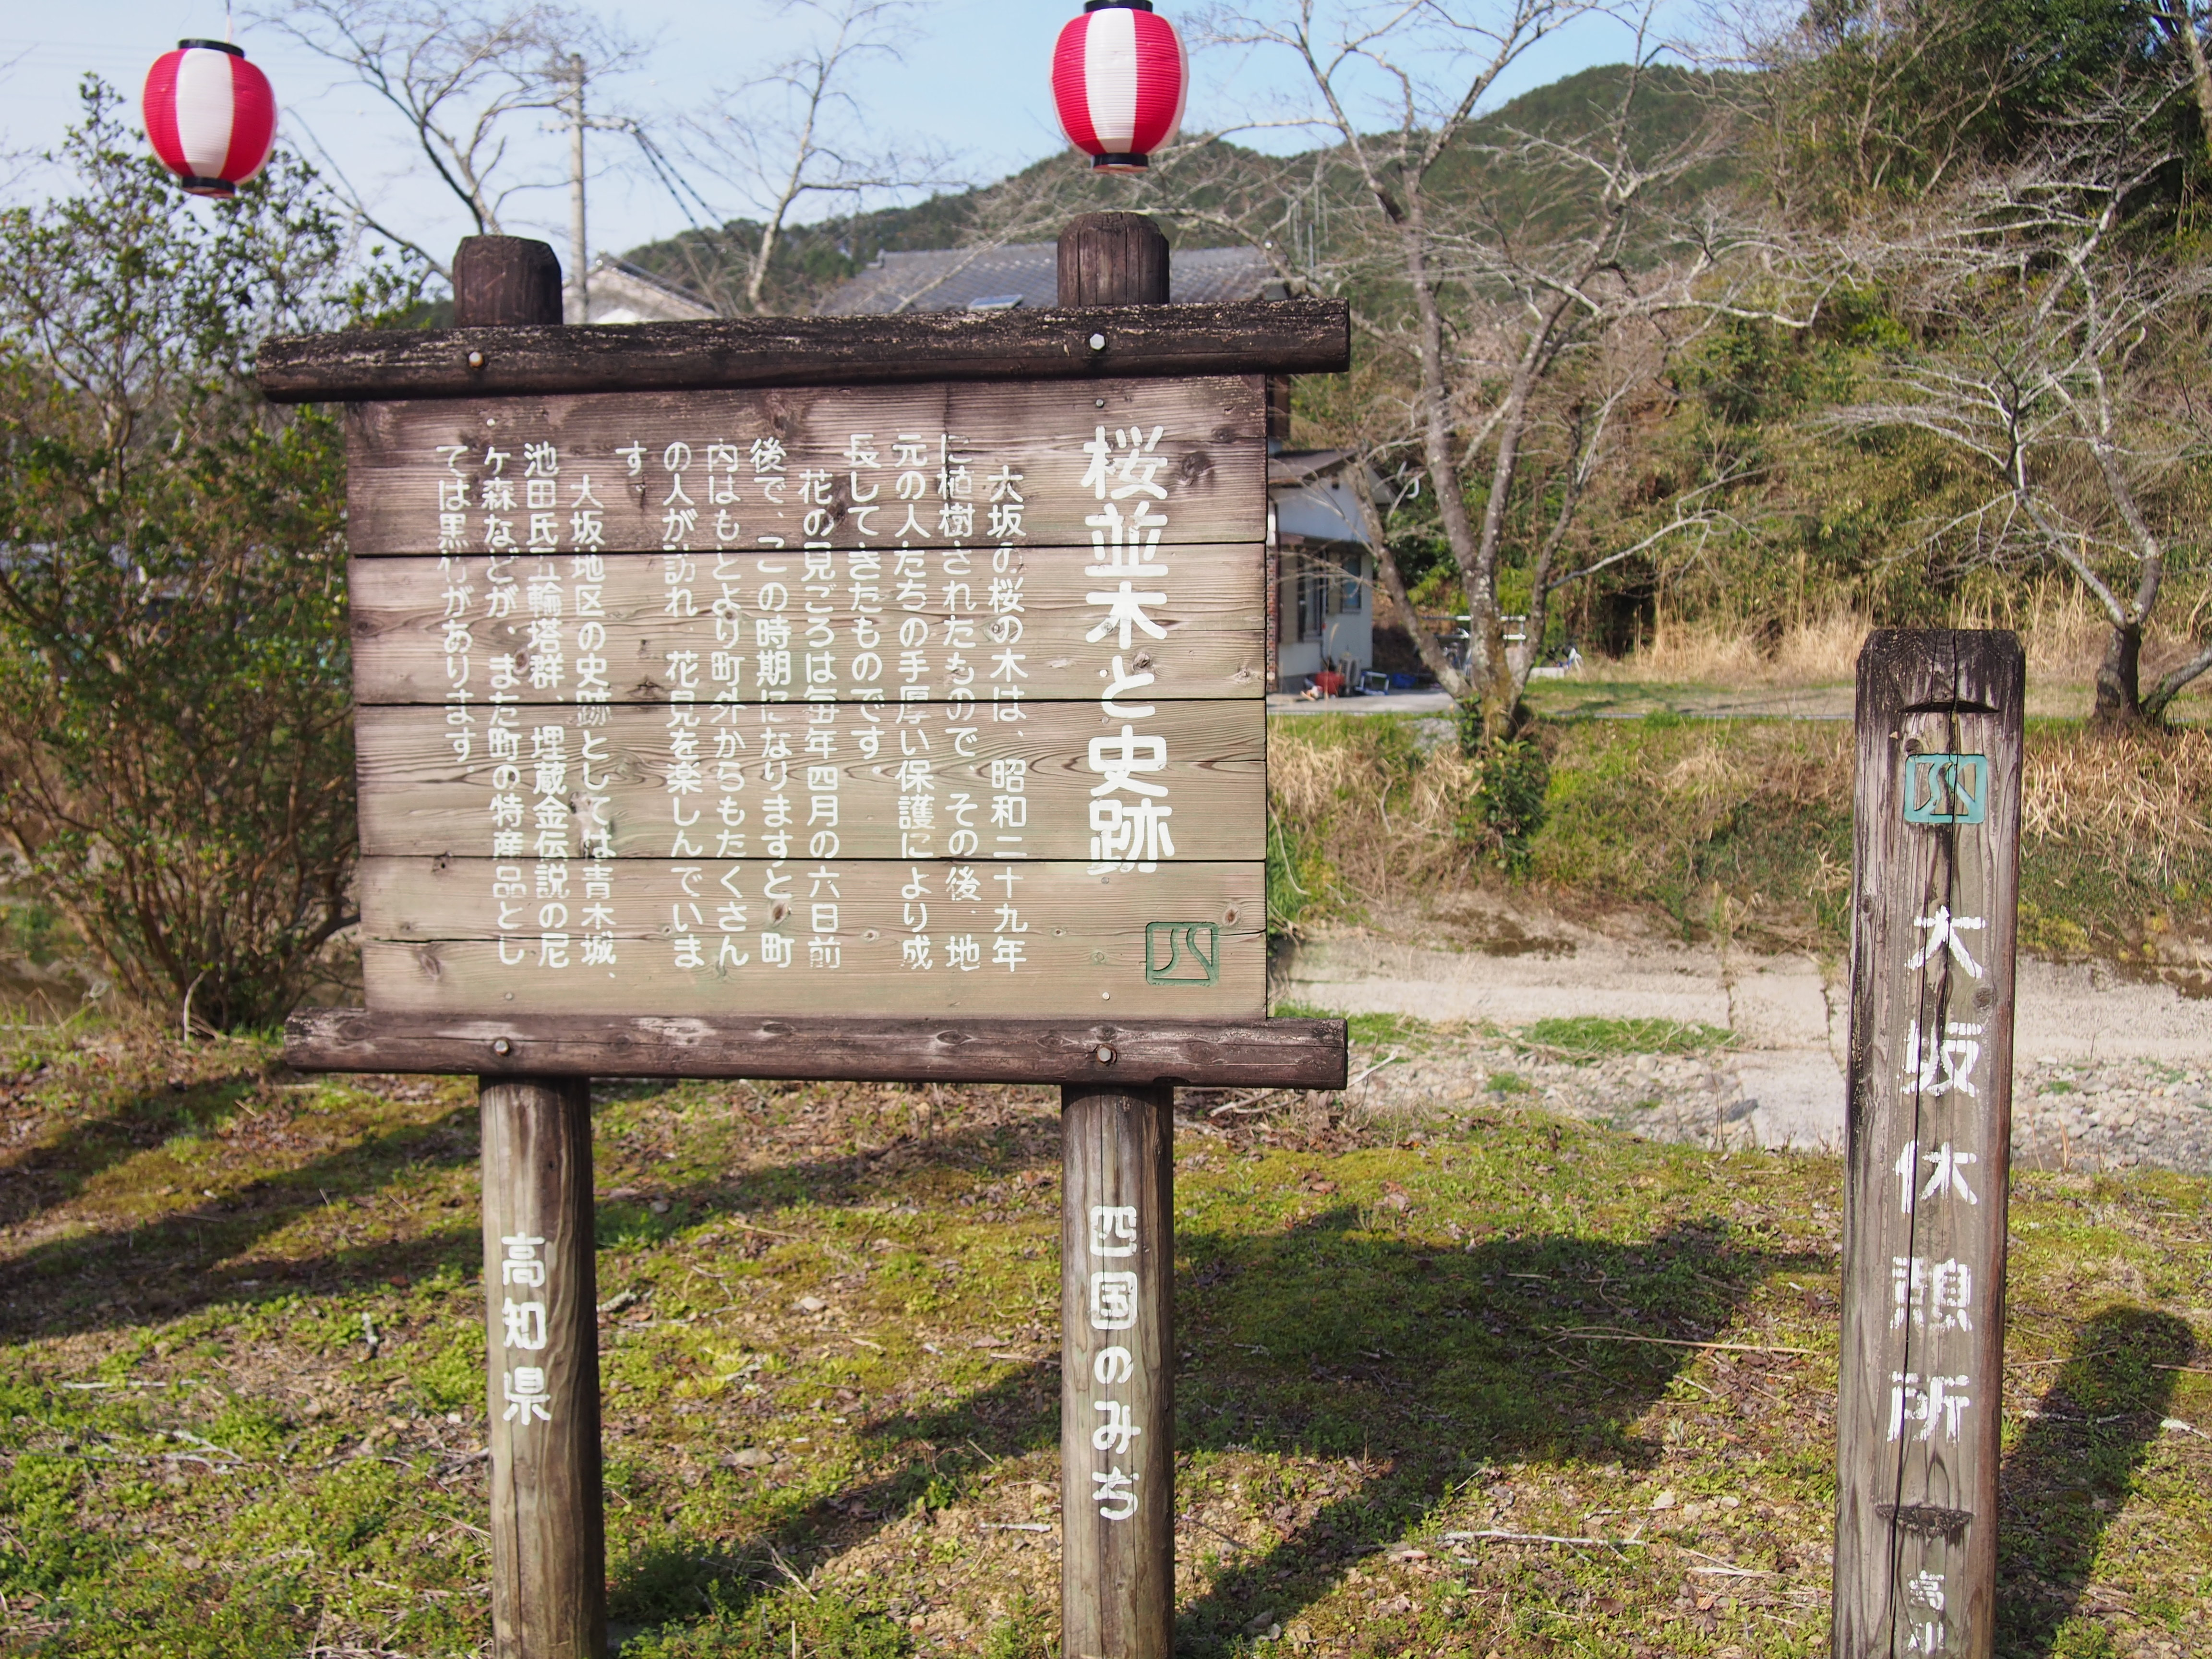 中土佐町 大阪谷川 桜